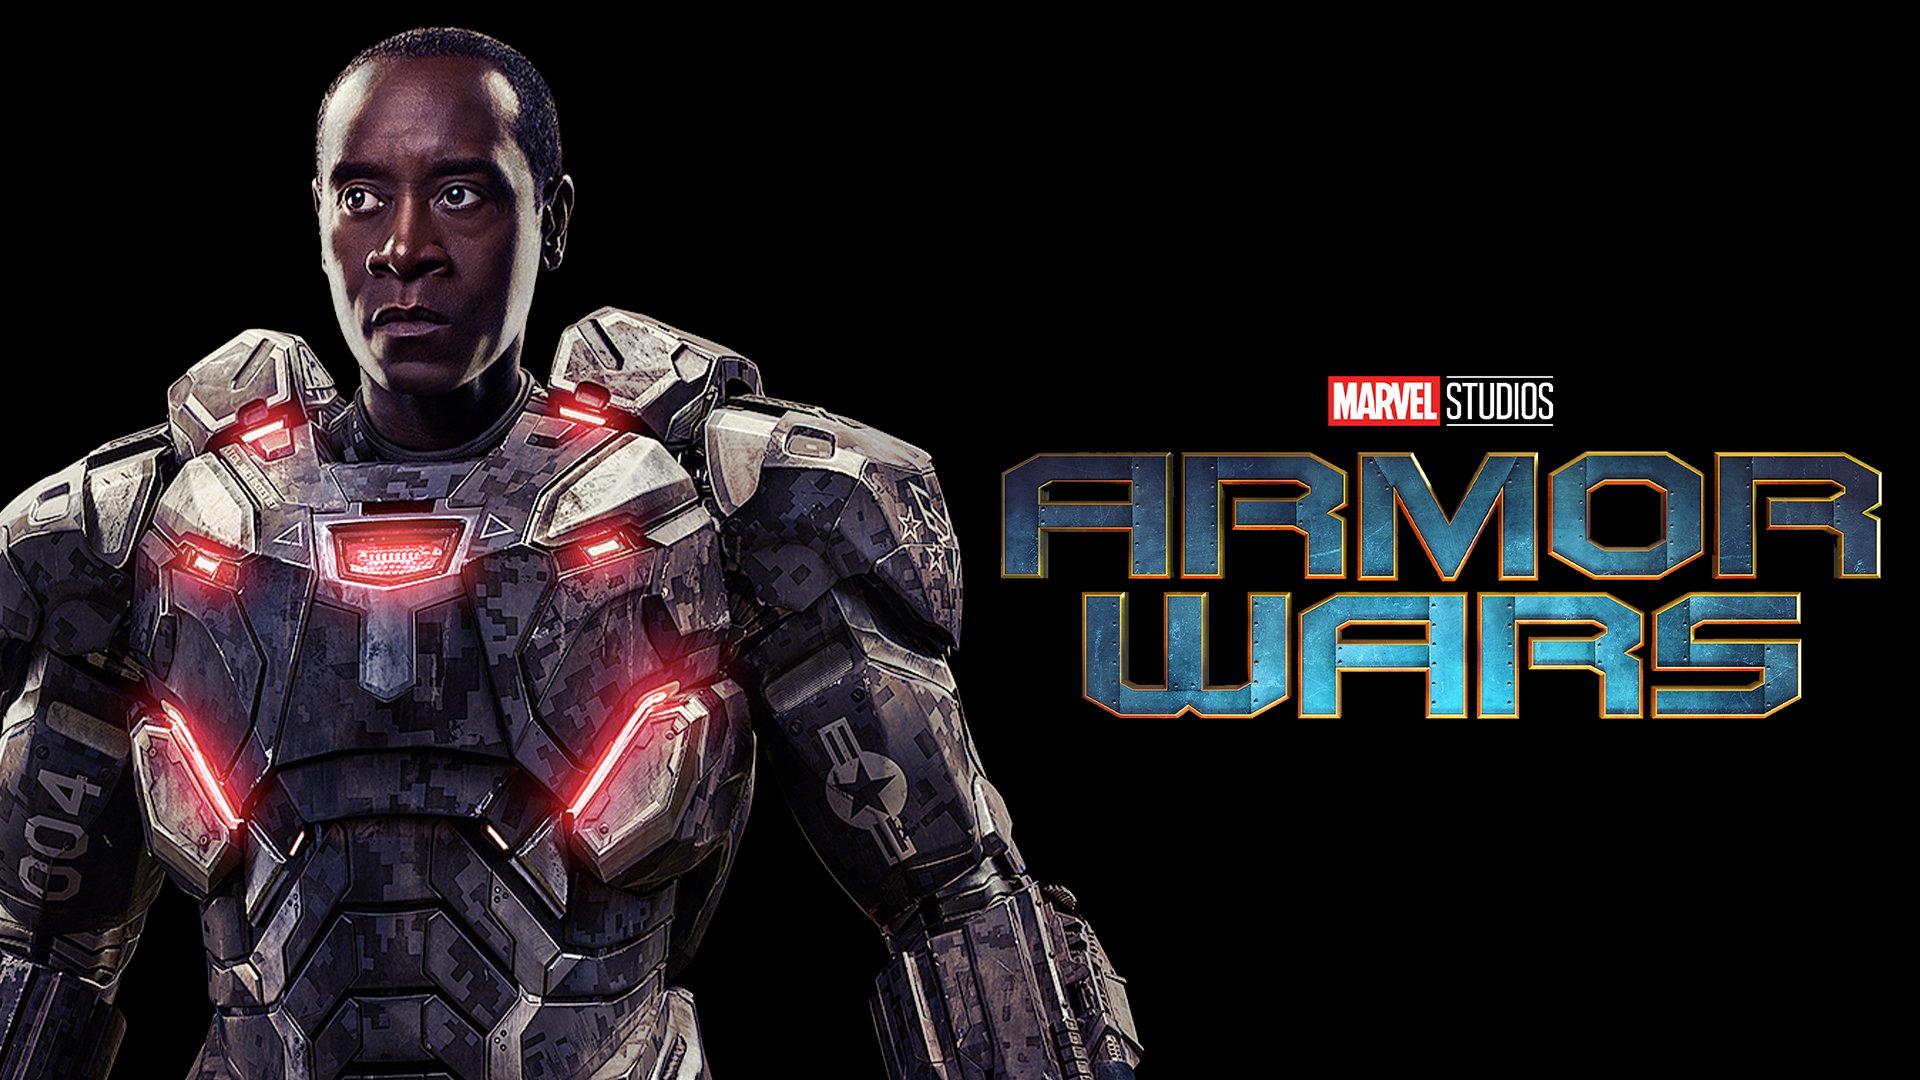 War Machine (Don Cheadle) - Armor Wars